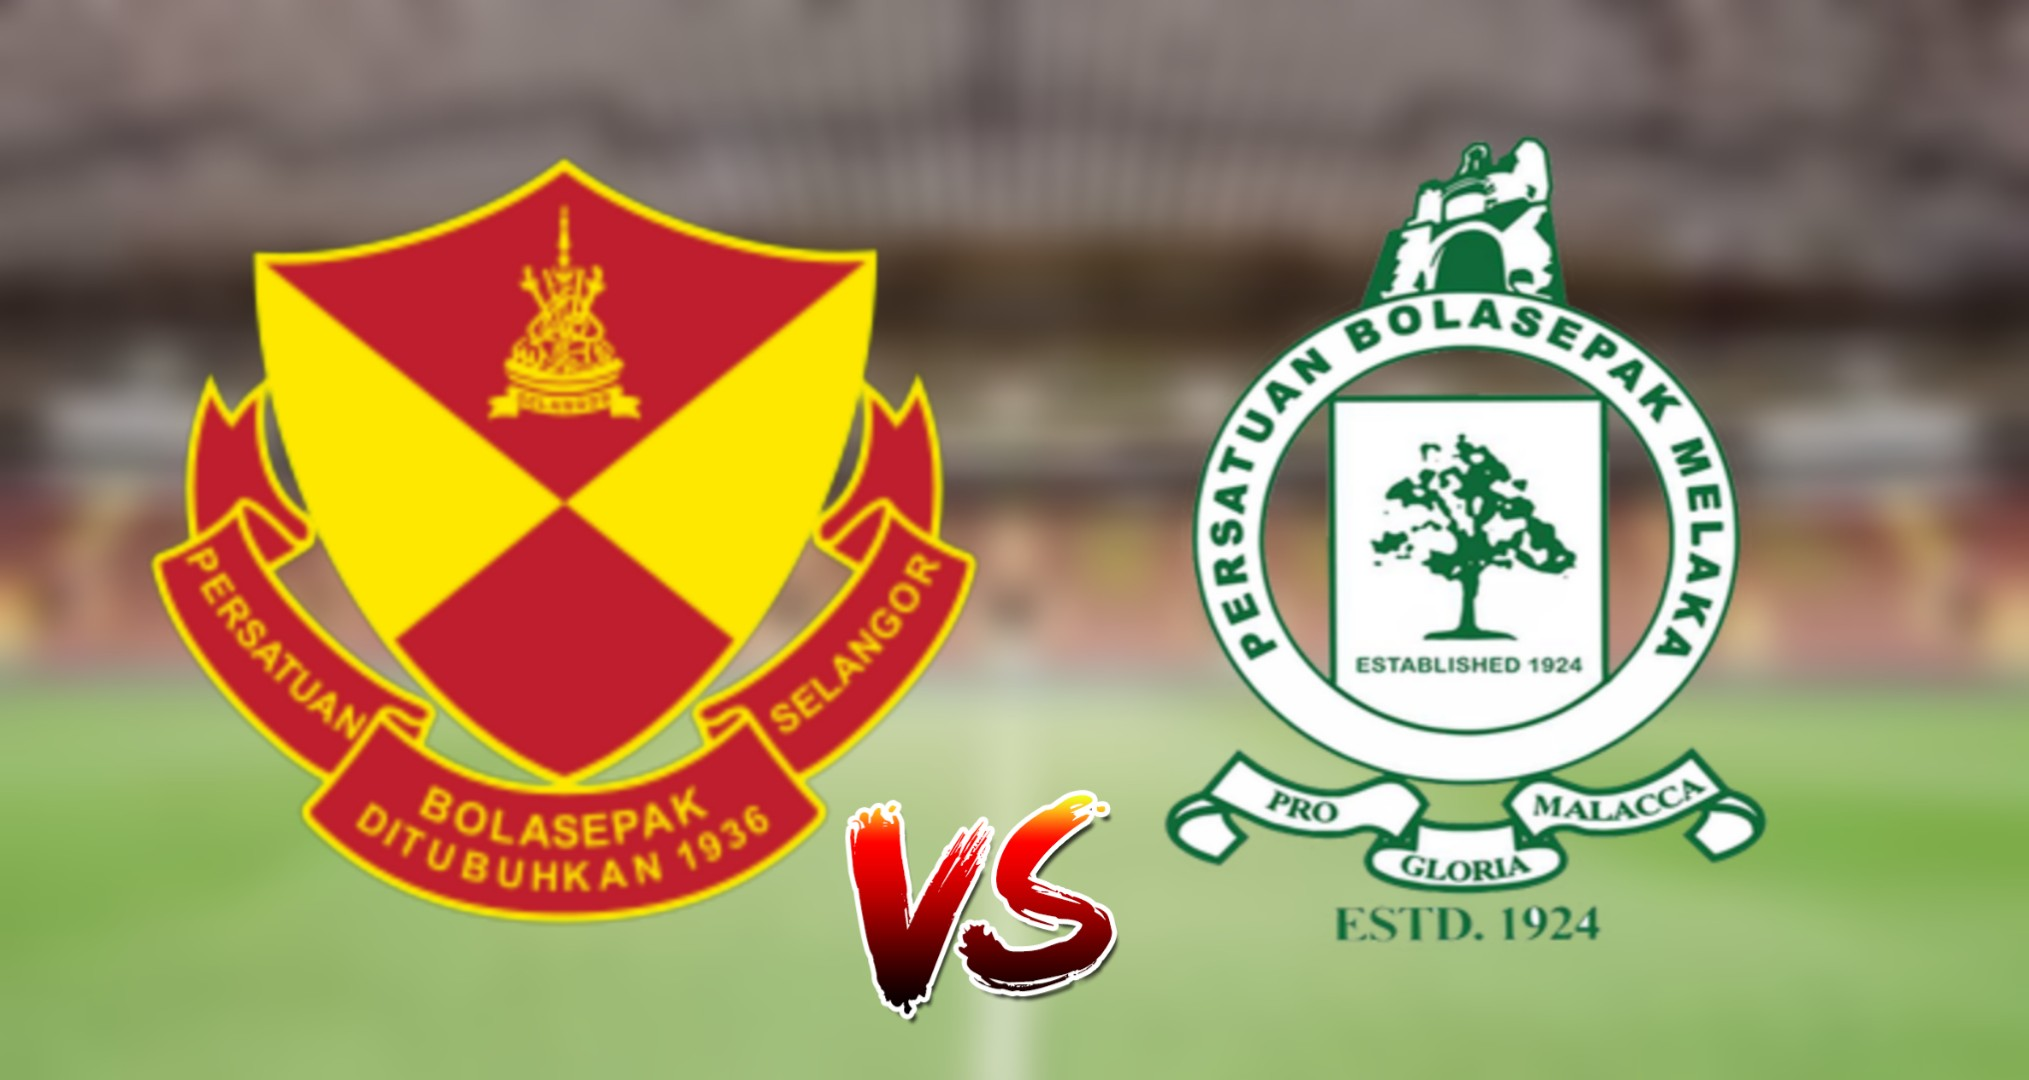 Live Streaming Selangor vs Melaka United 4.5.2019 Liga Super